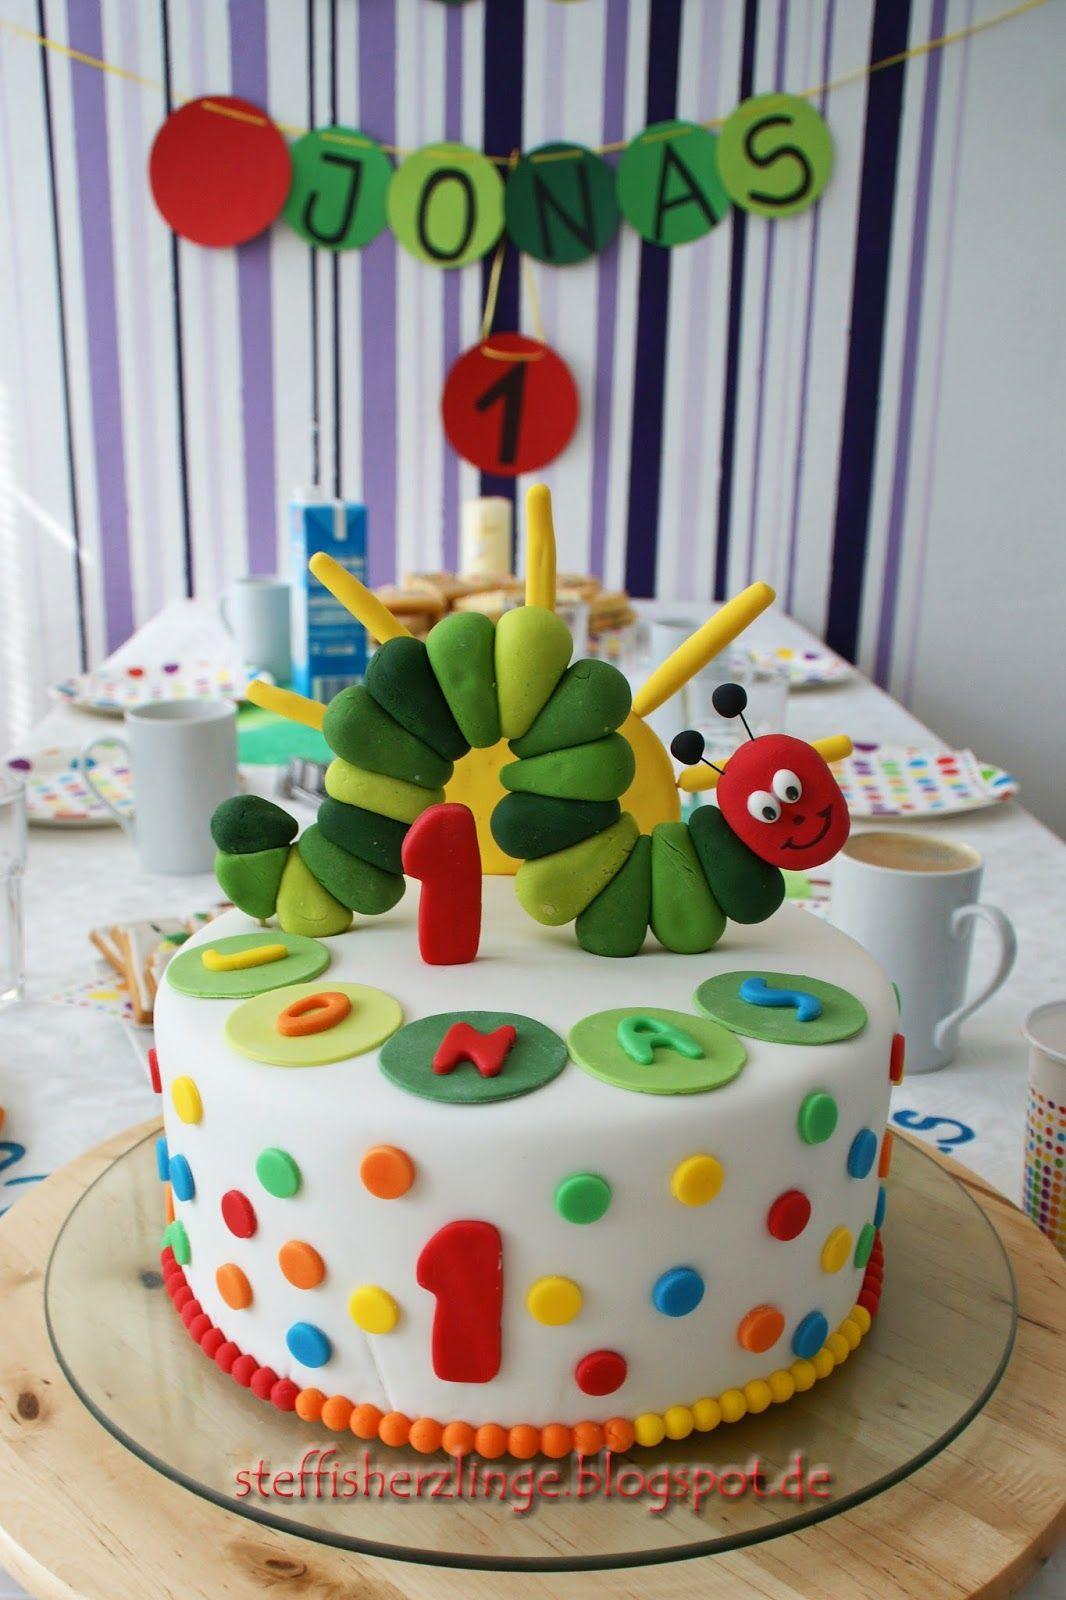 Kuchen Erster Geburtstag Mein Erster Geburtstags 2020 02 13